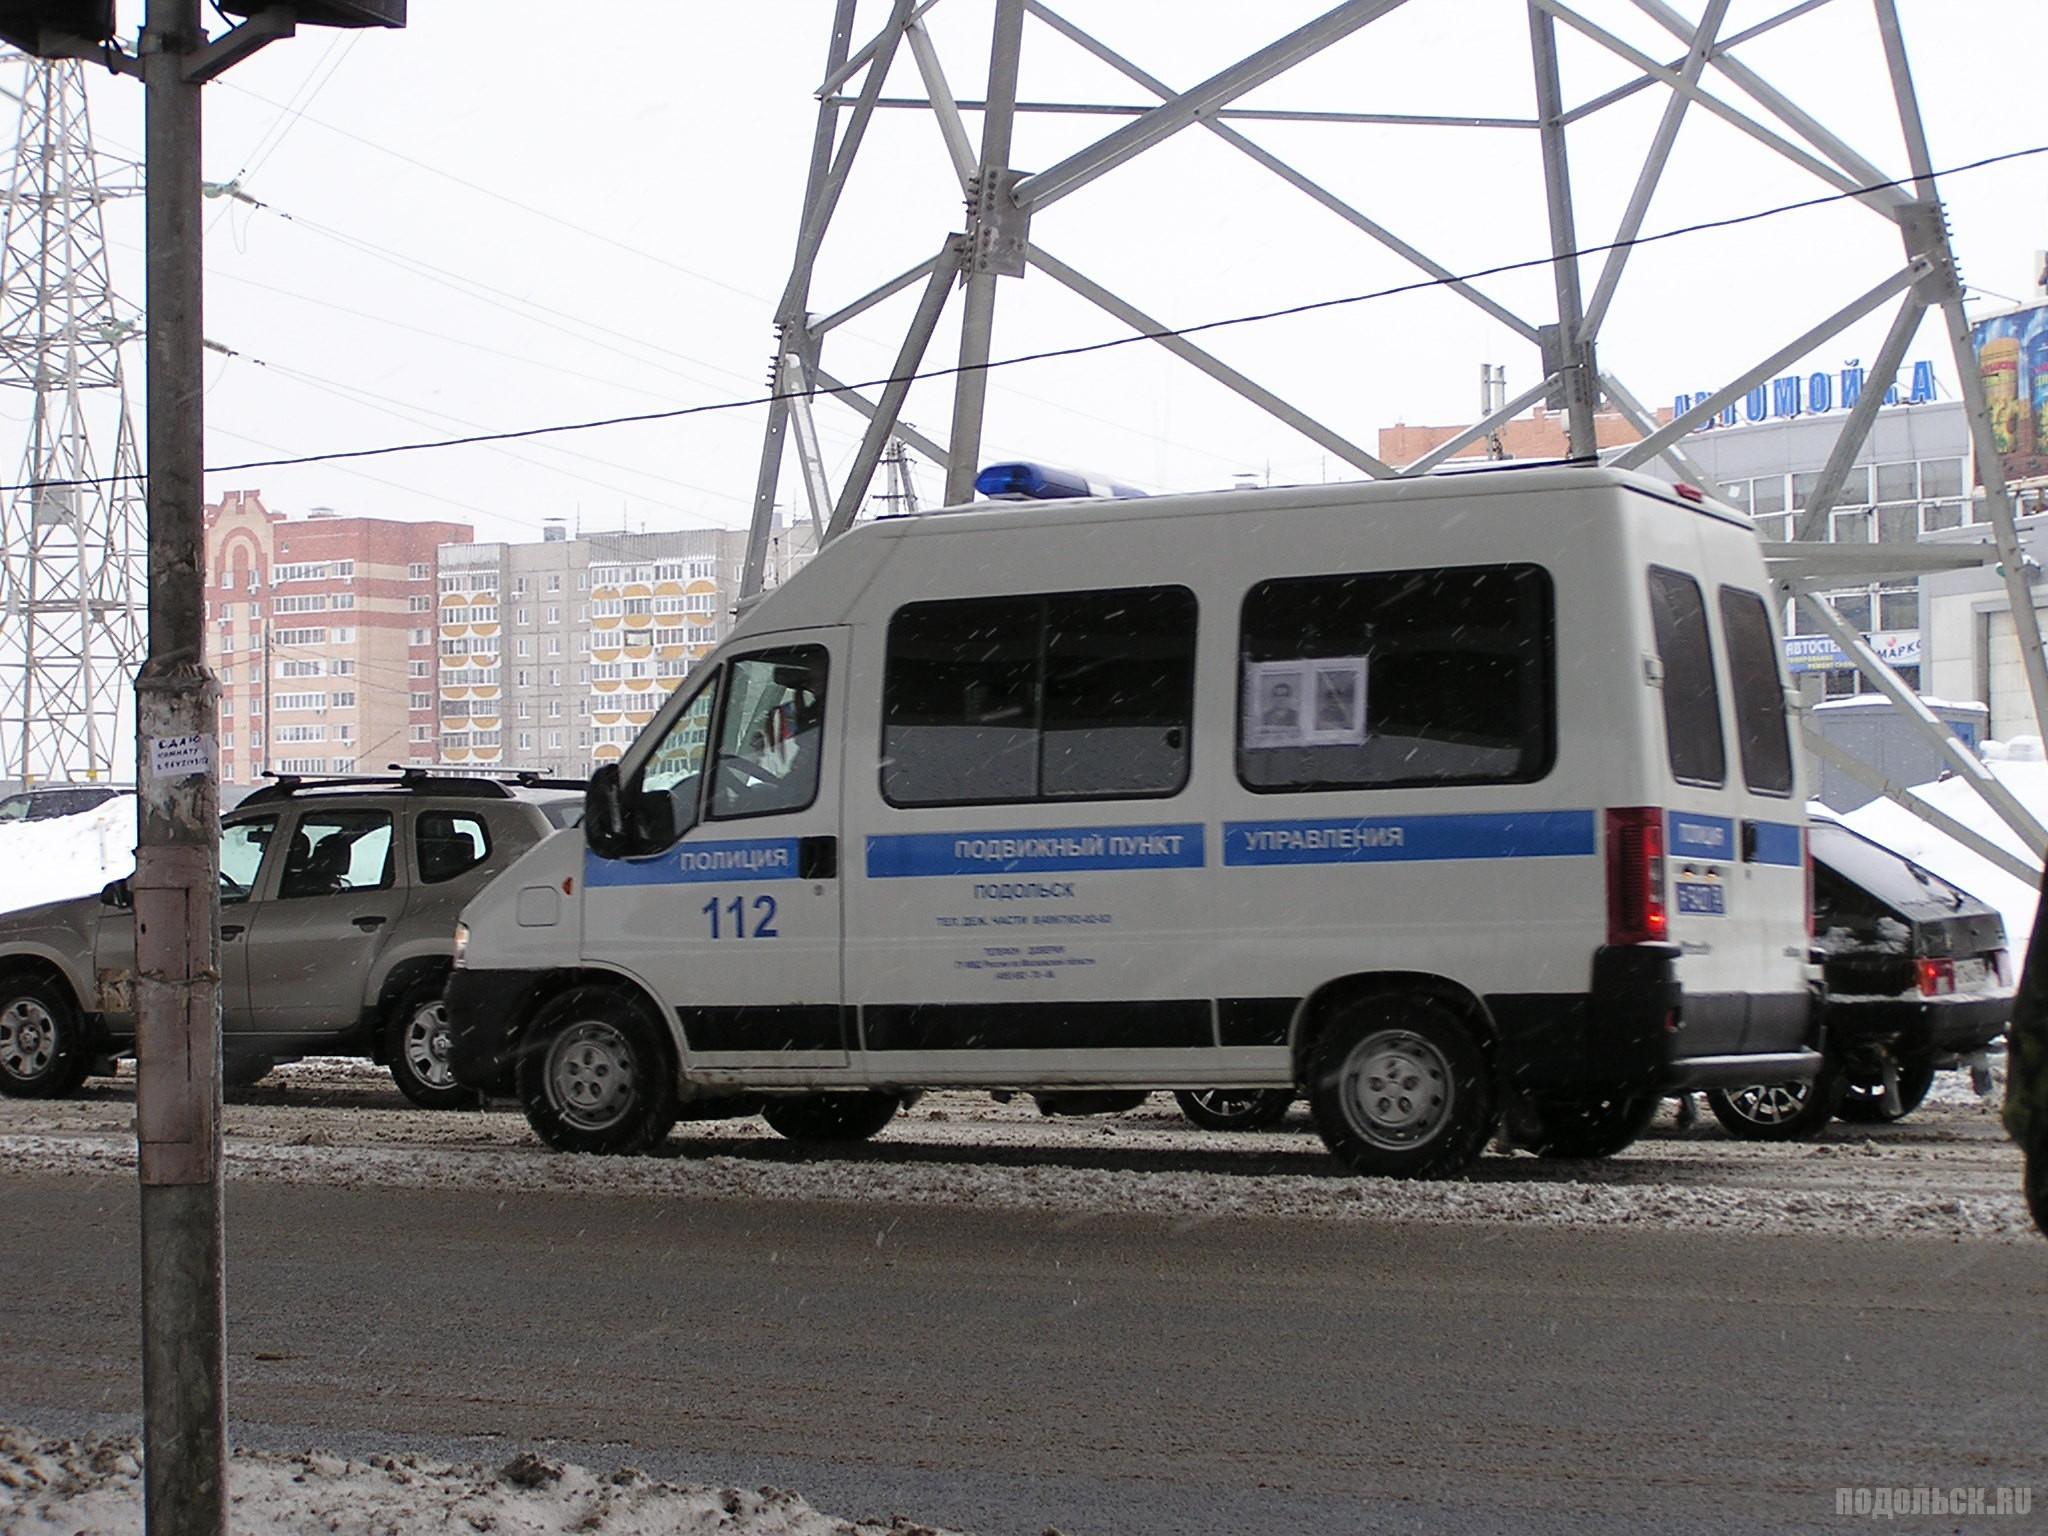 Передвижной пункт управления полиции. 15.01.2017.